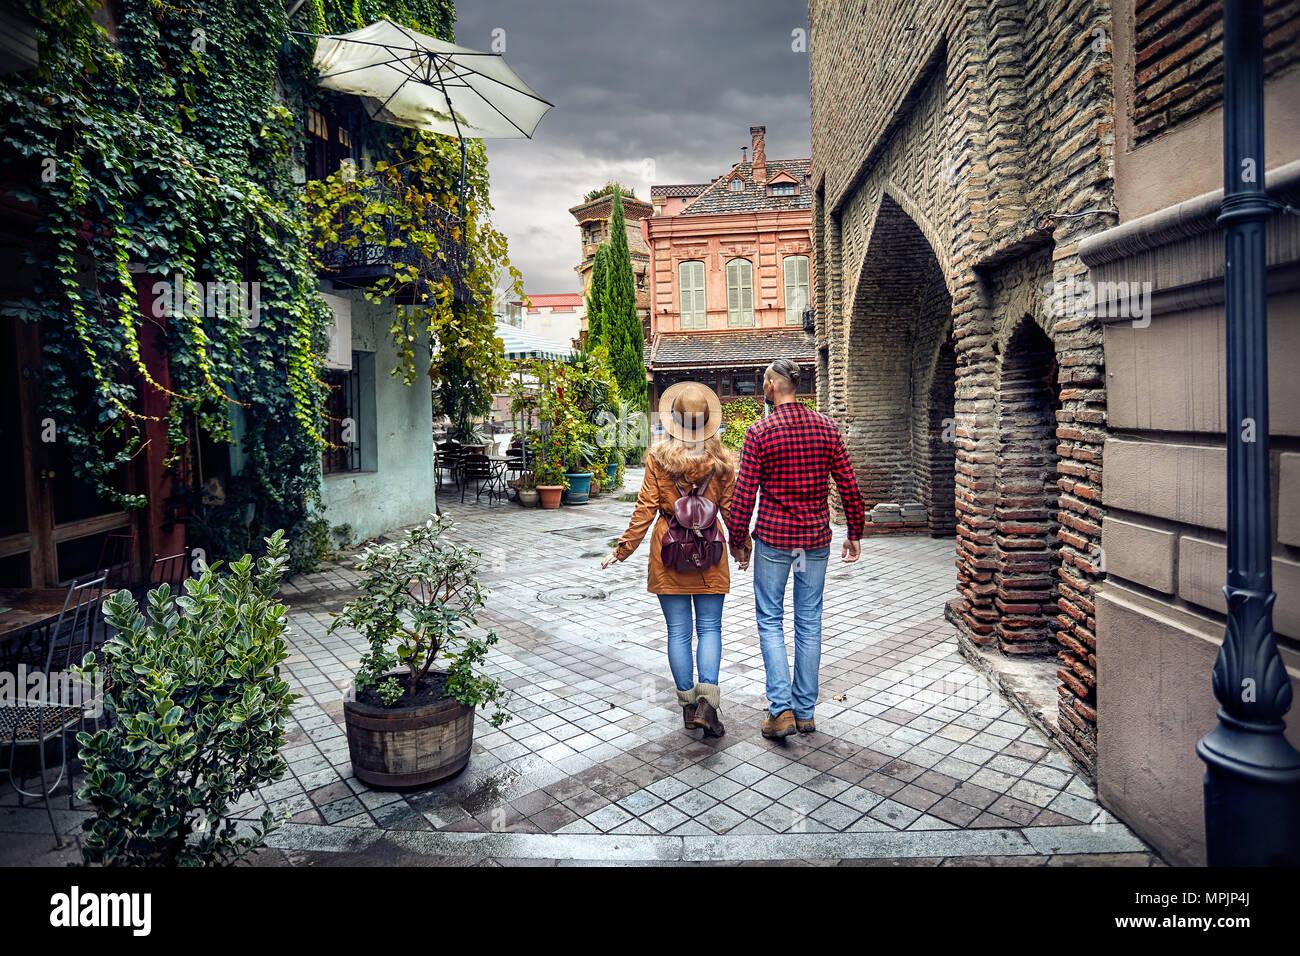 Turismo en la mujer y el hombre en sombrero marrón camiseta roja caminando por las antiguas calles de viejo Tbilisi, Georgia central Imagen De Stock